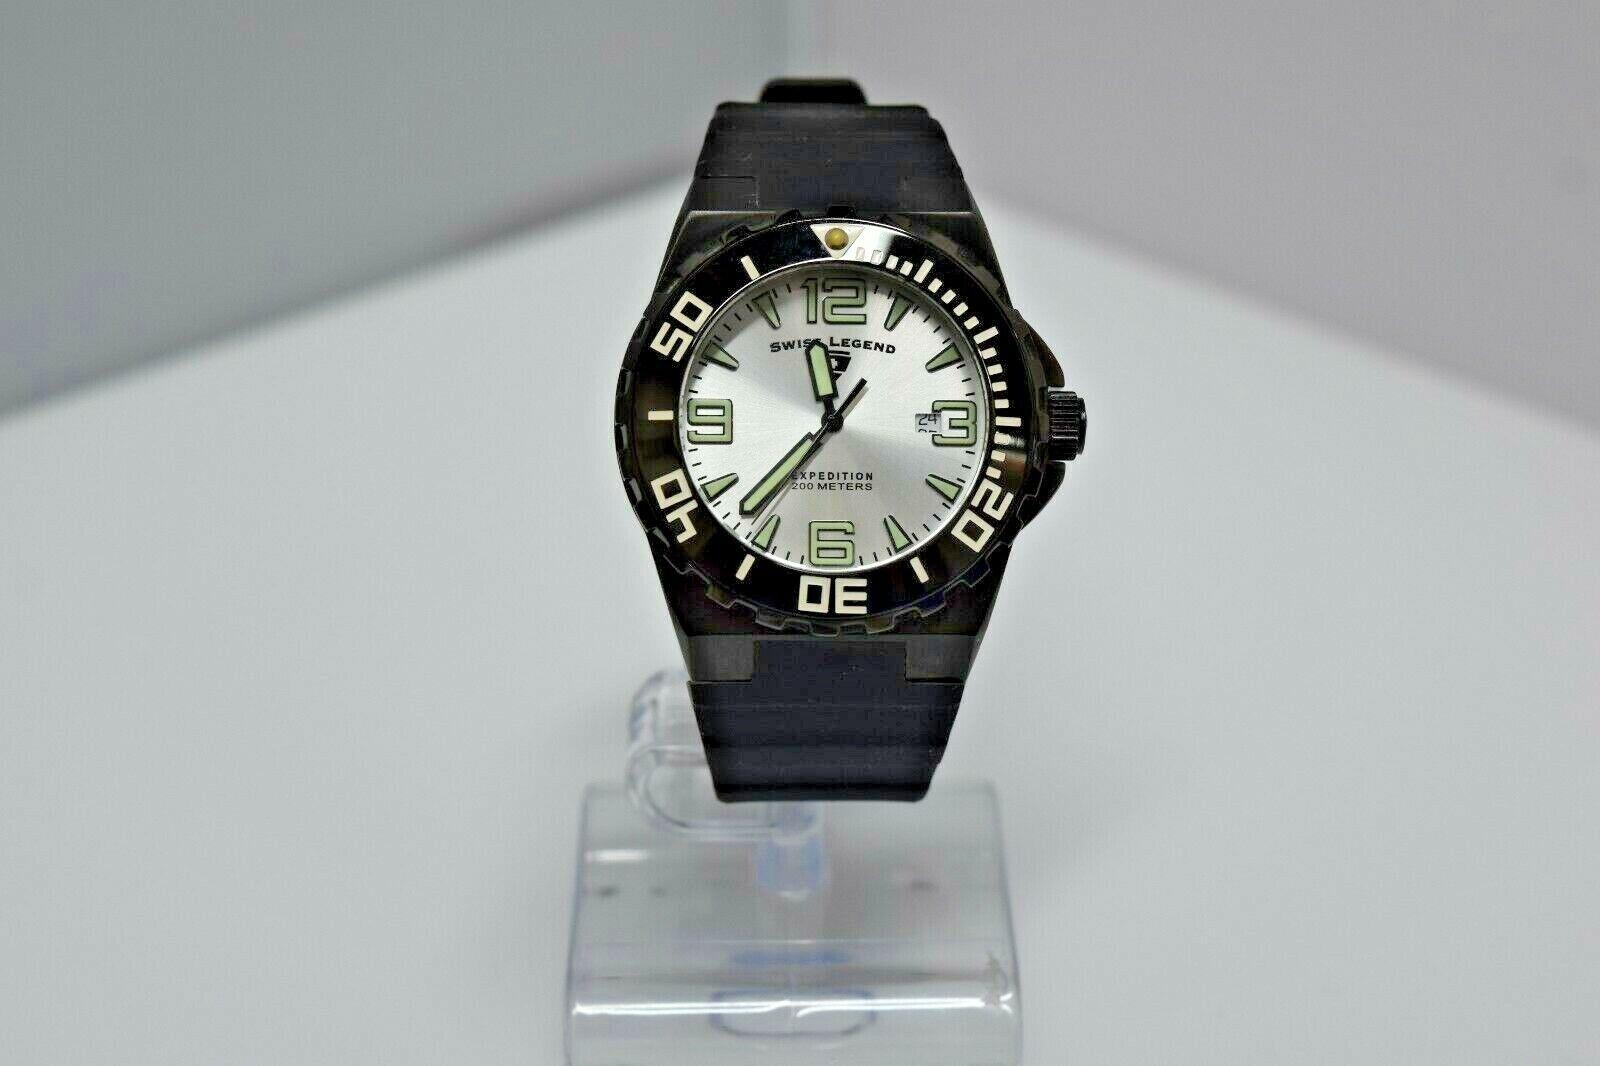 Swiss Legend Expedition Sapphitek 48mm 200M SL-10008 Watch Black/Black